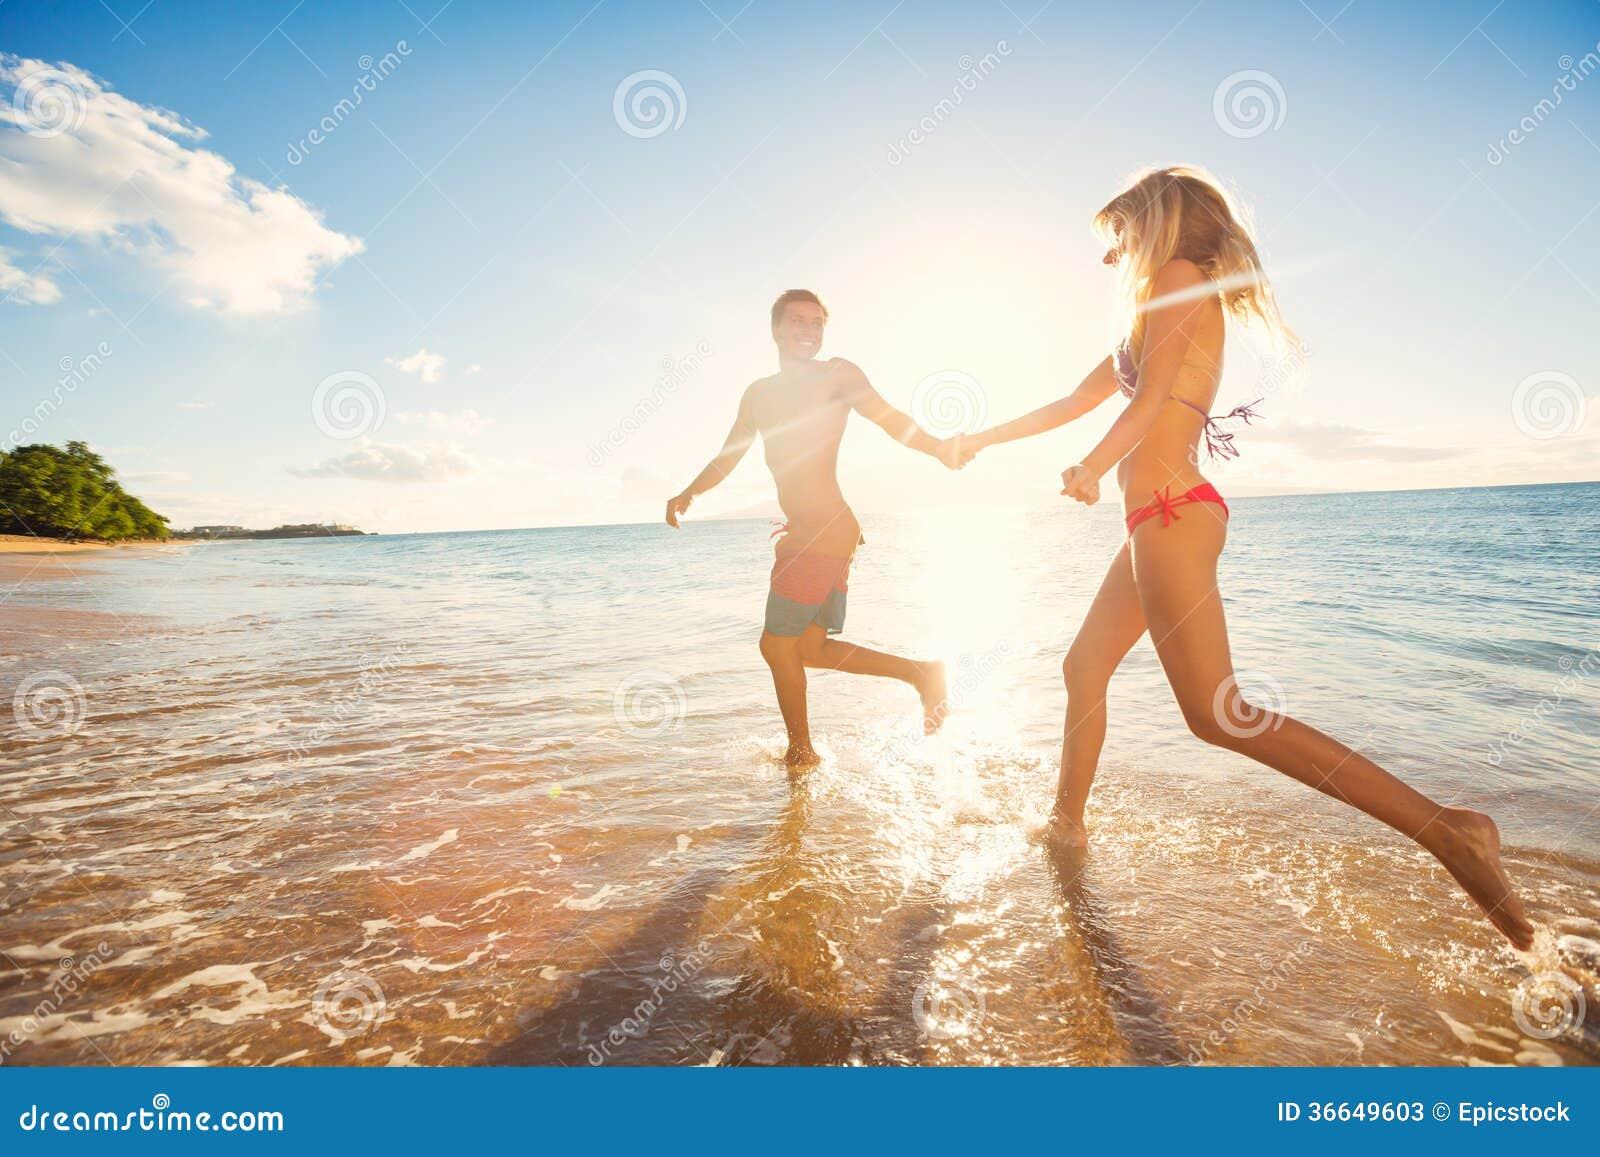 Coppie felici sulla spiaggia tropicale al tramonto